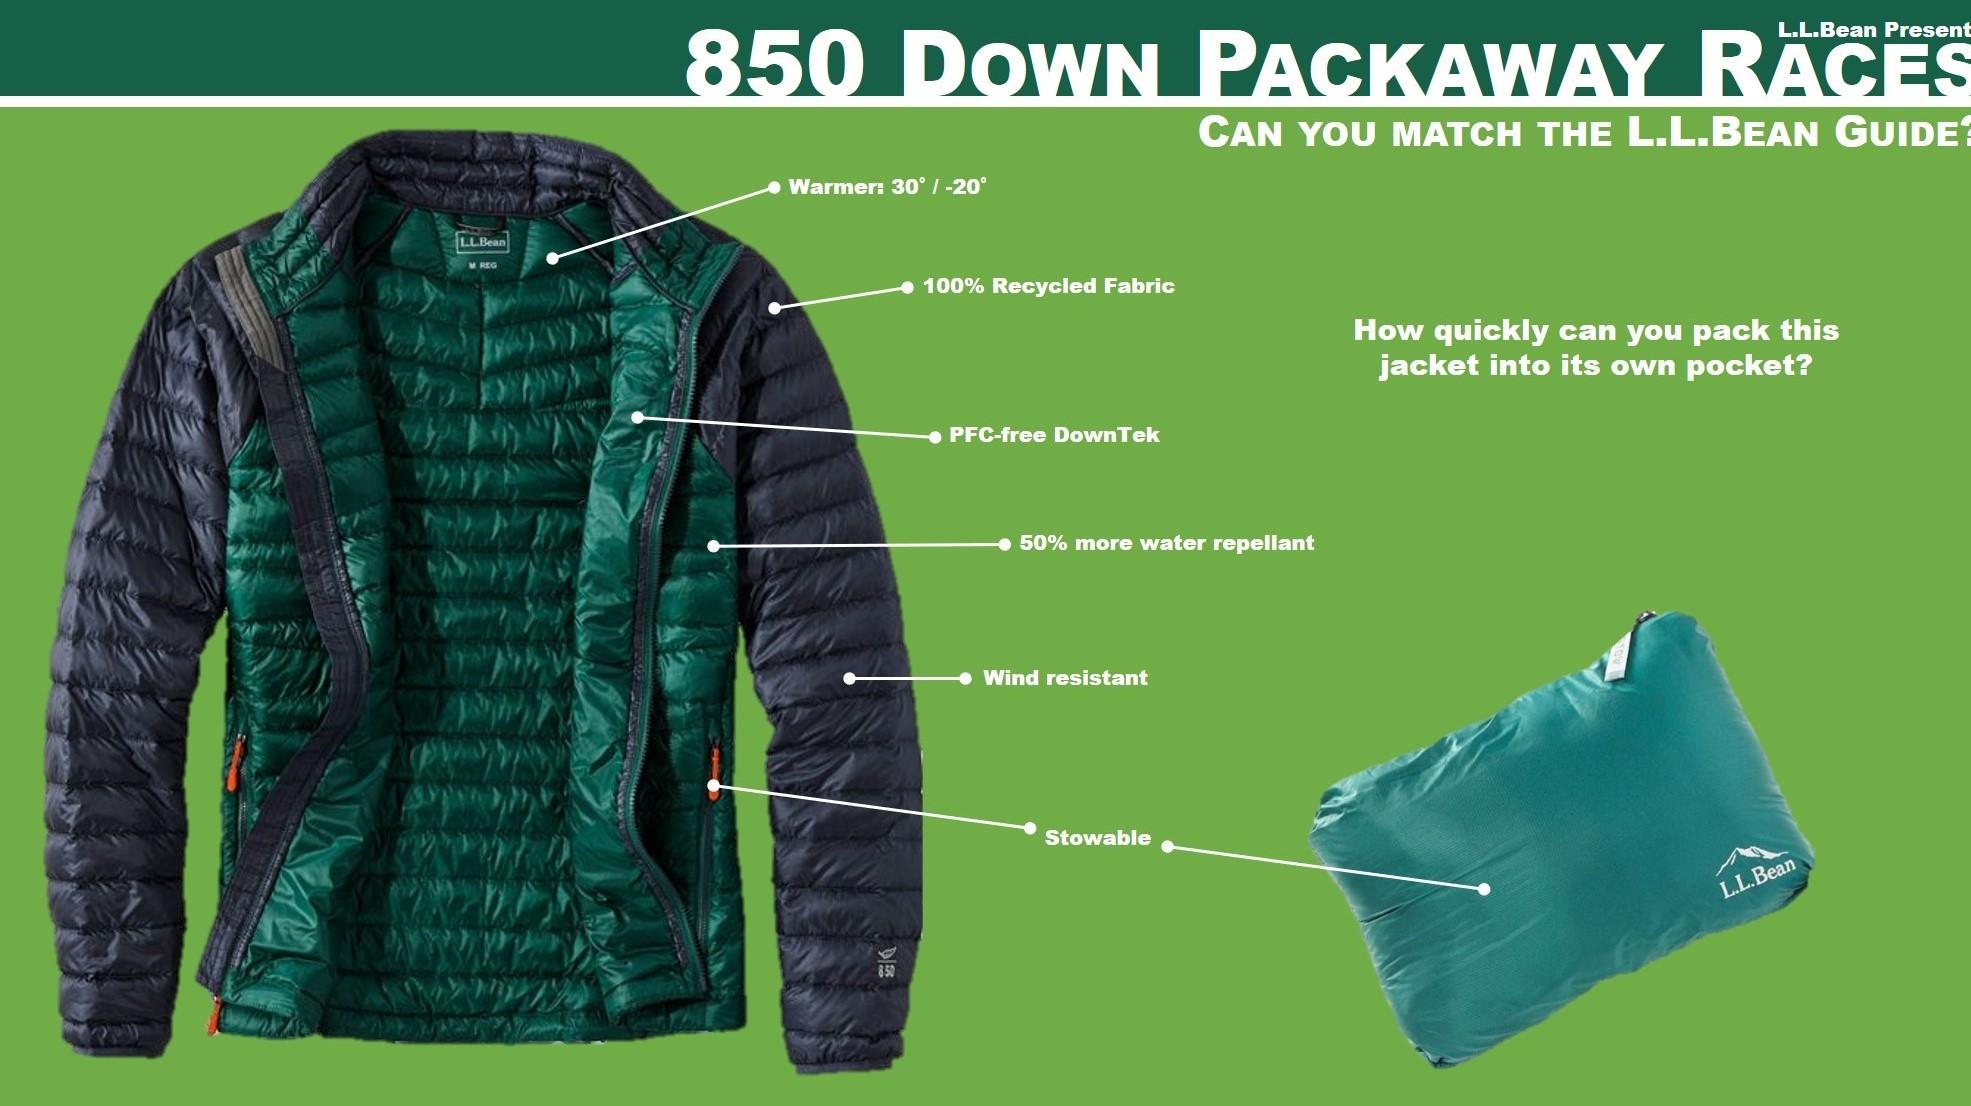 850 Down Packaway Races